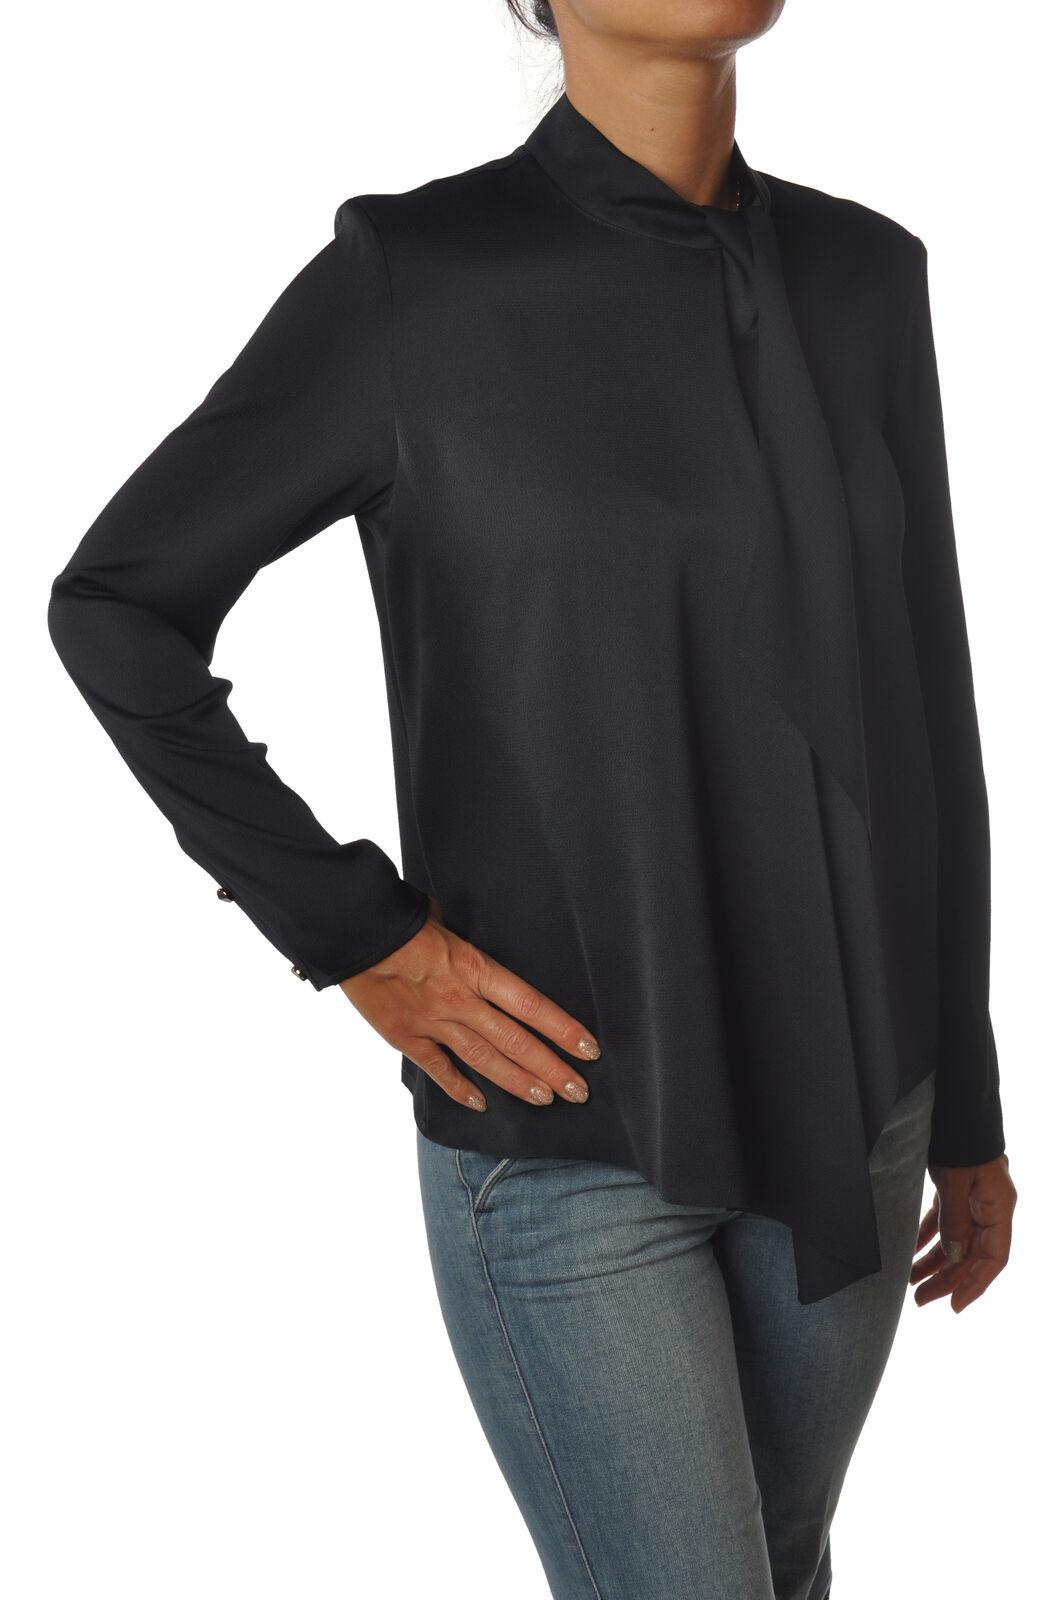 Rame - Shirts-Blouses - Woman - Blau - 5516209C192803